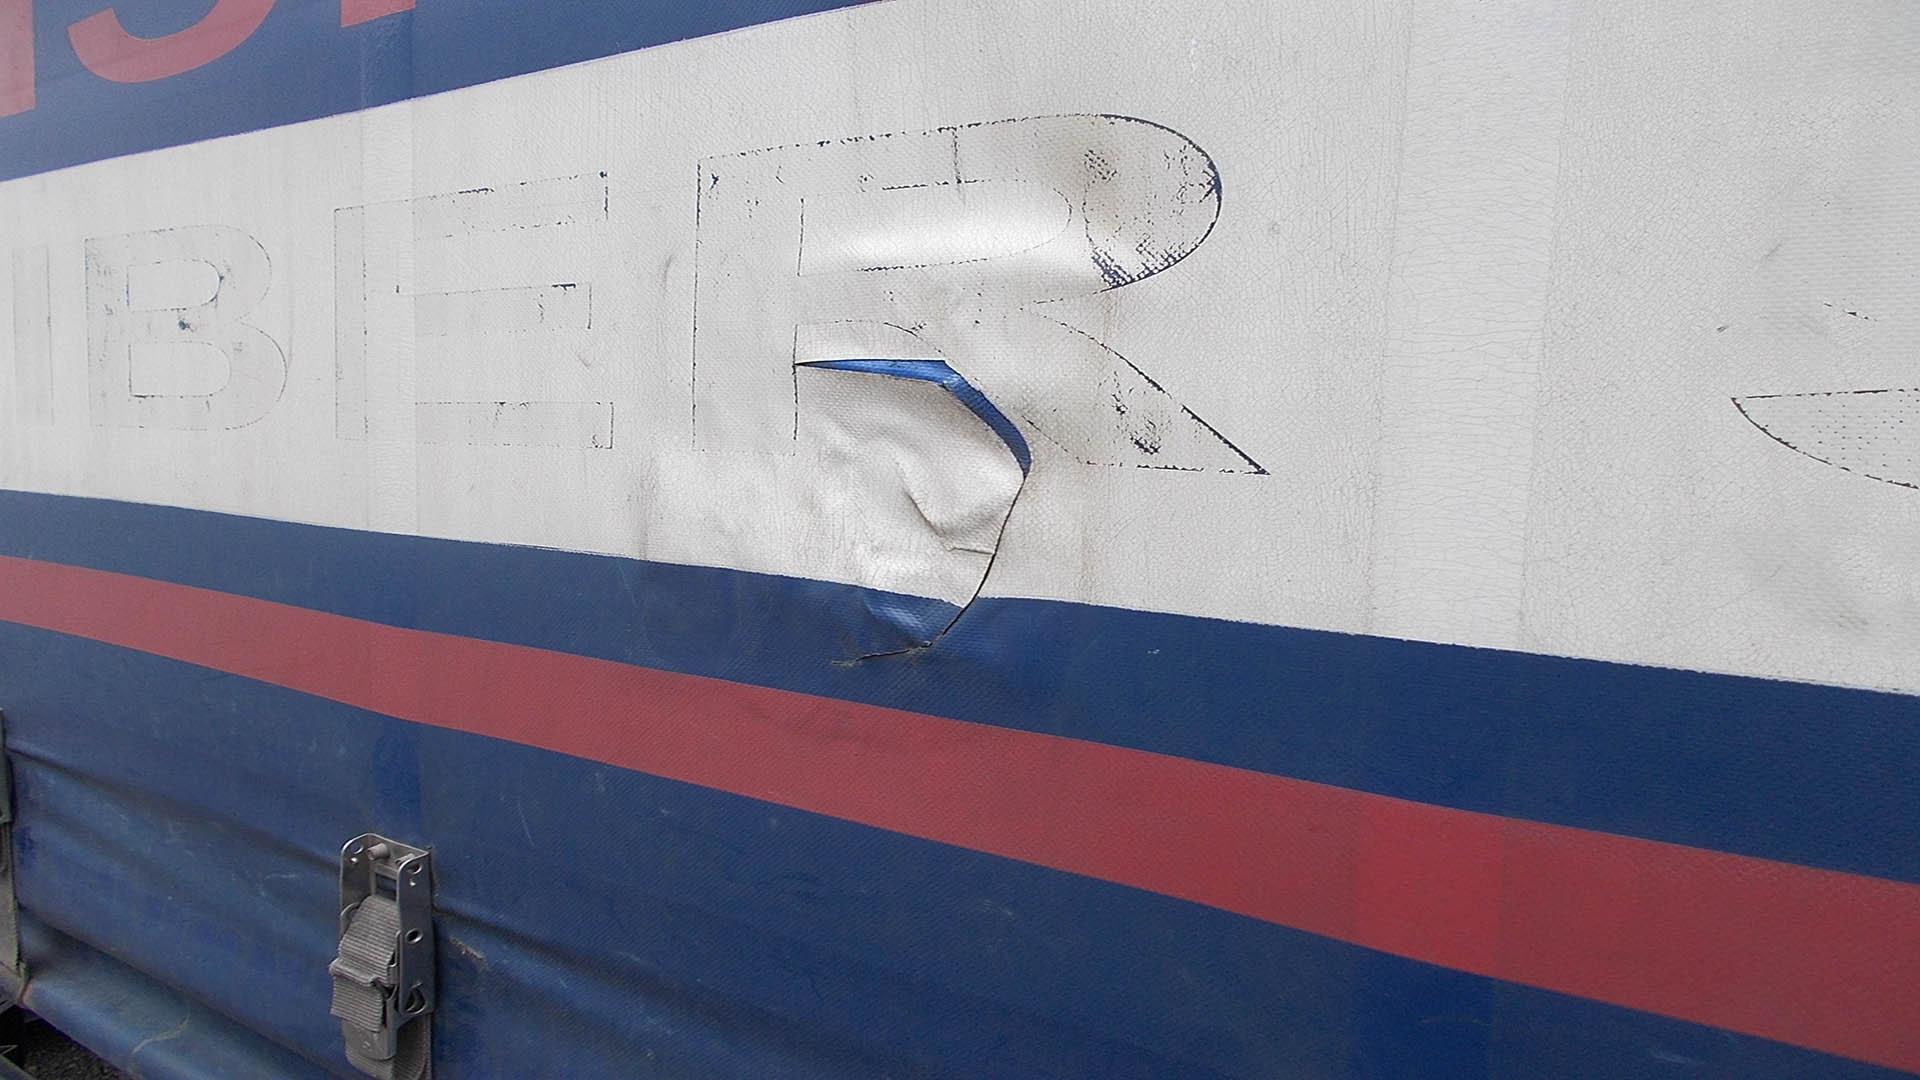 KLW - Herstellung und Reparatur von LKW- und Anhängerplanen